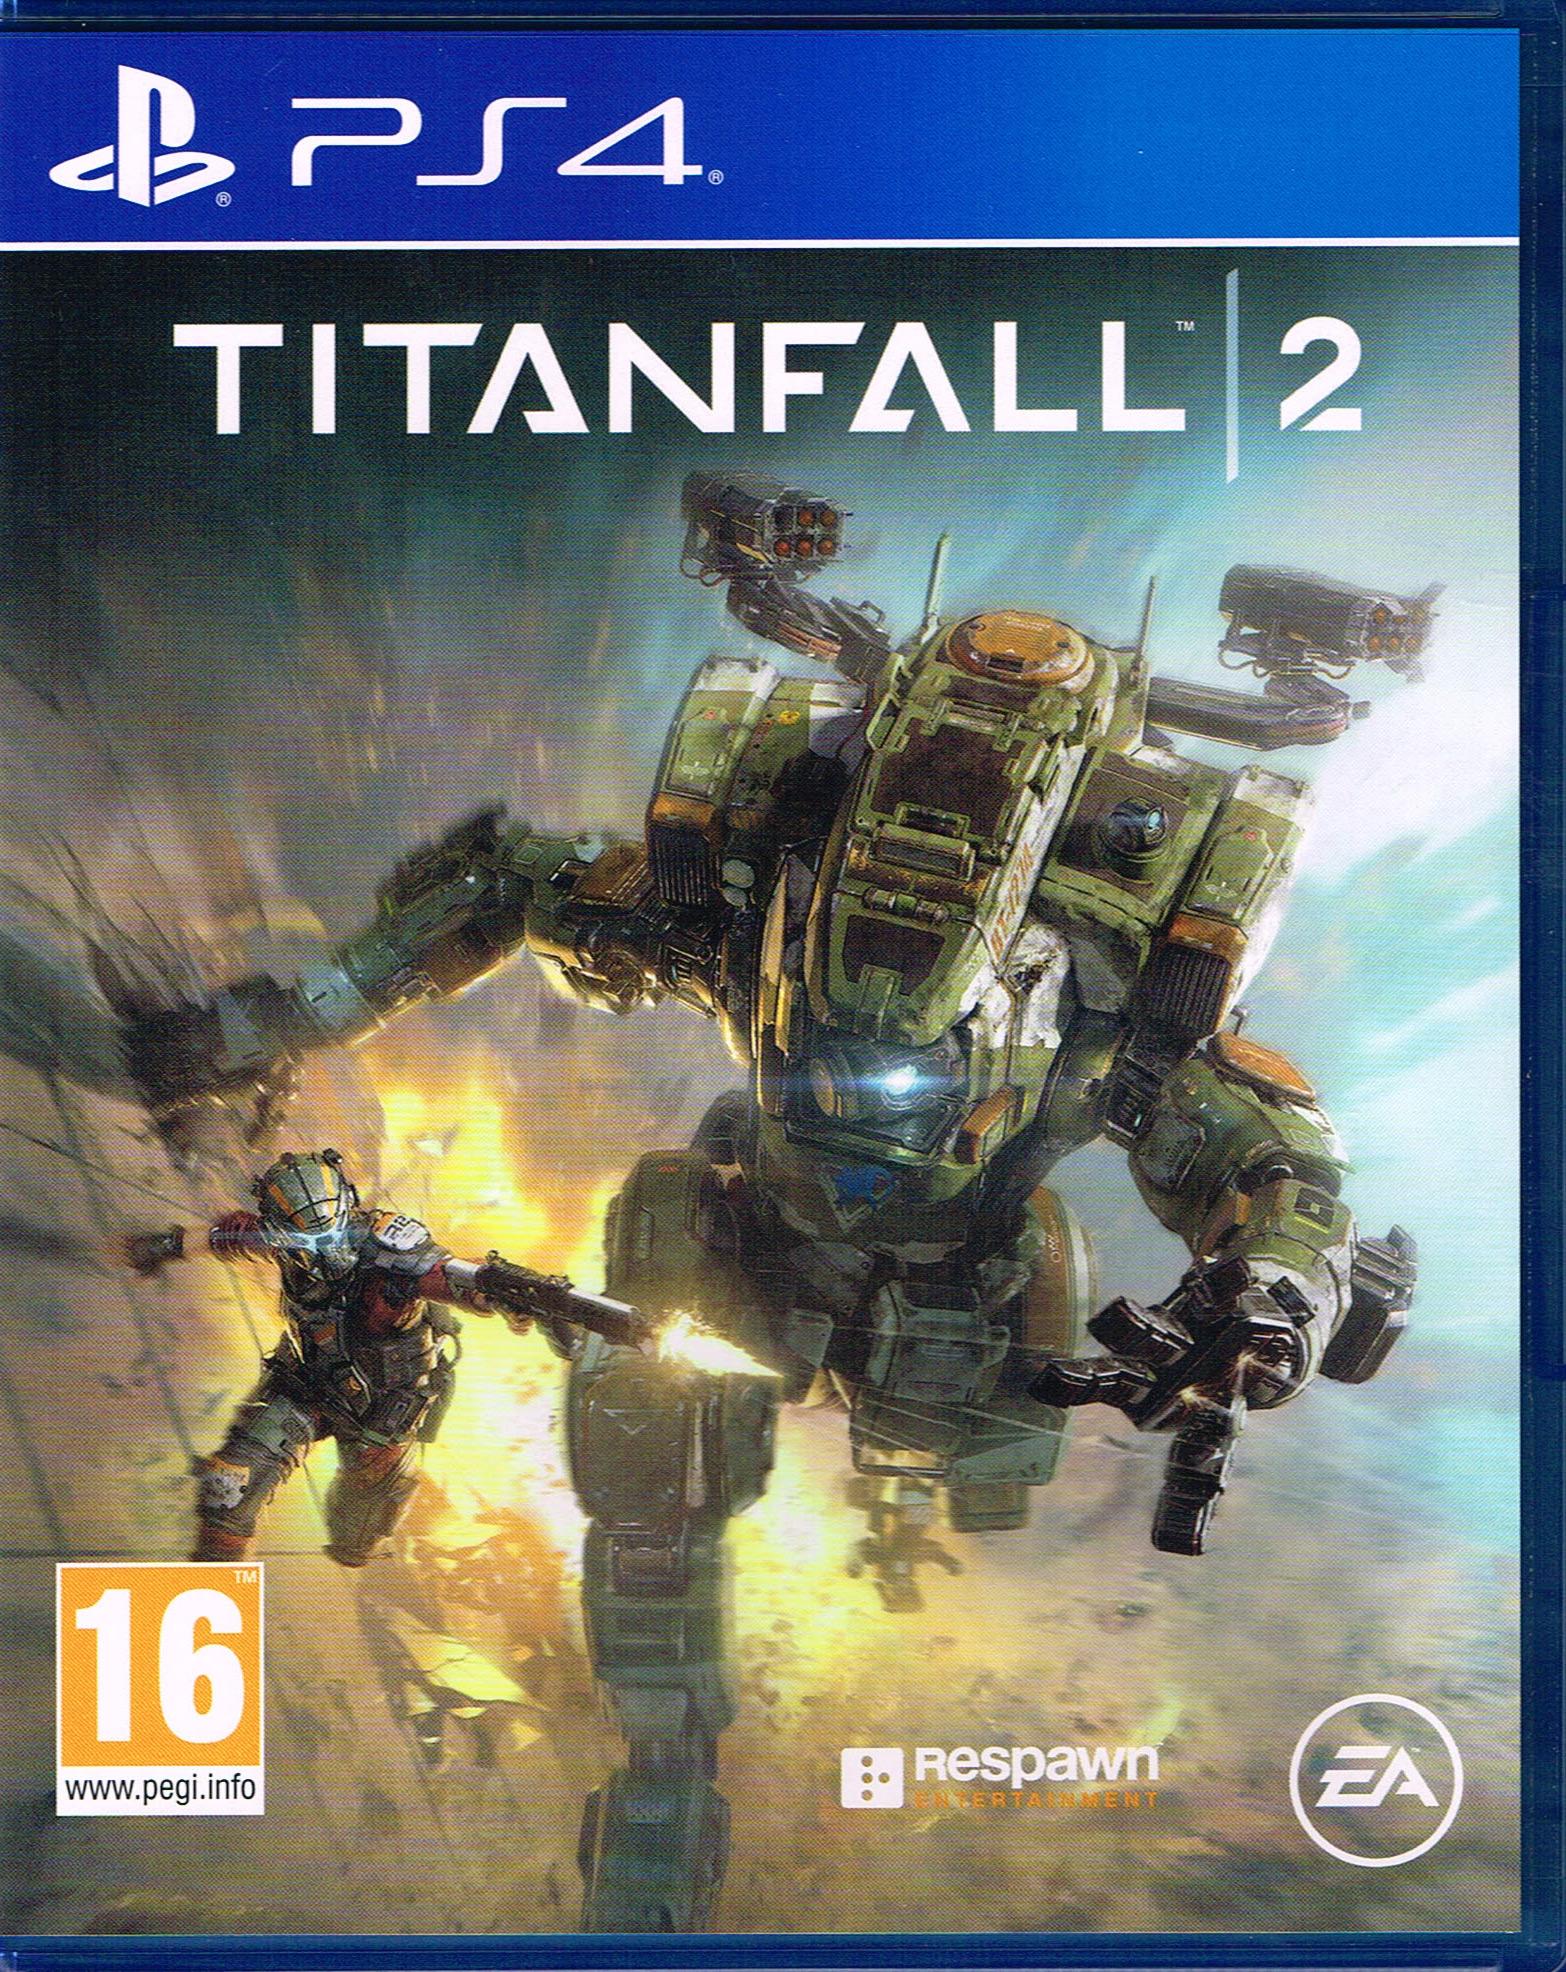 [gameware.at] [PS4] Titanfall 2 (US-Import) für €14,90 + €2,99 VSK